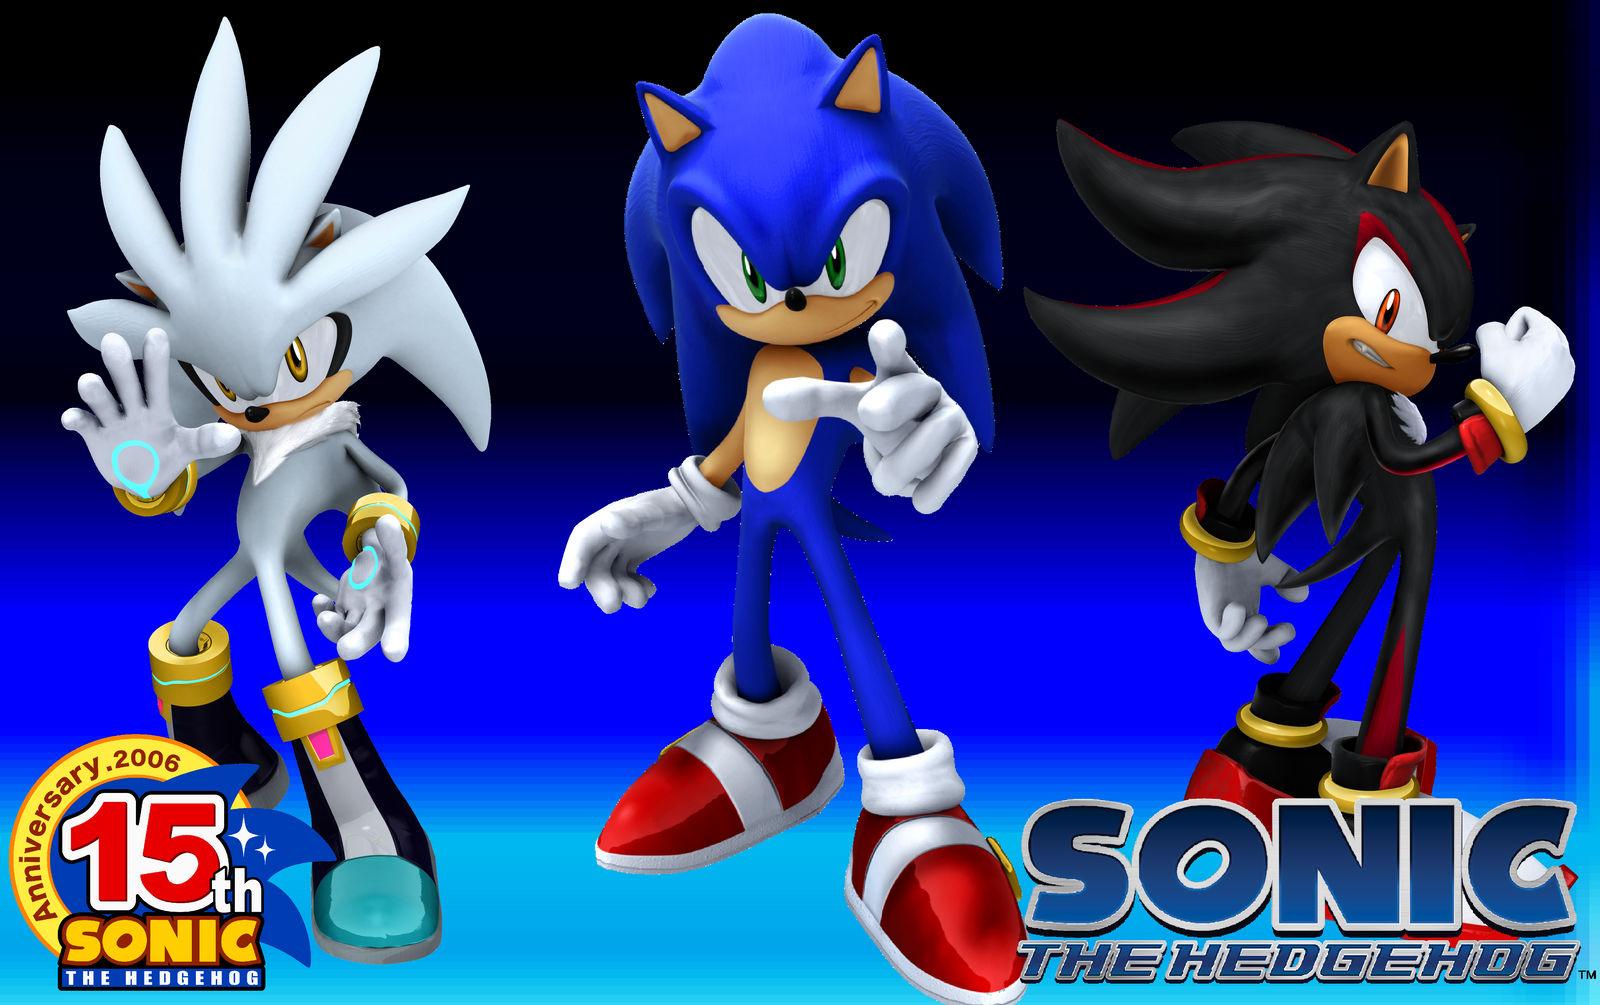 Sonic 2006 Wallpaper By Sonicxfan2012 On Deviantart